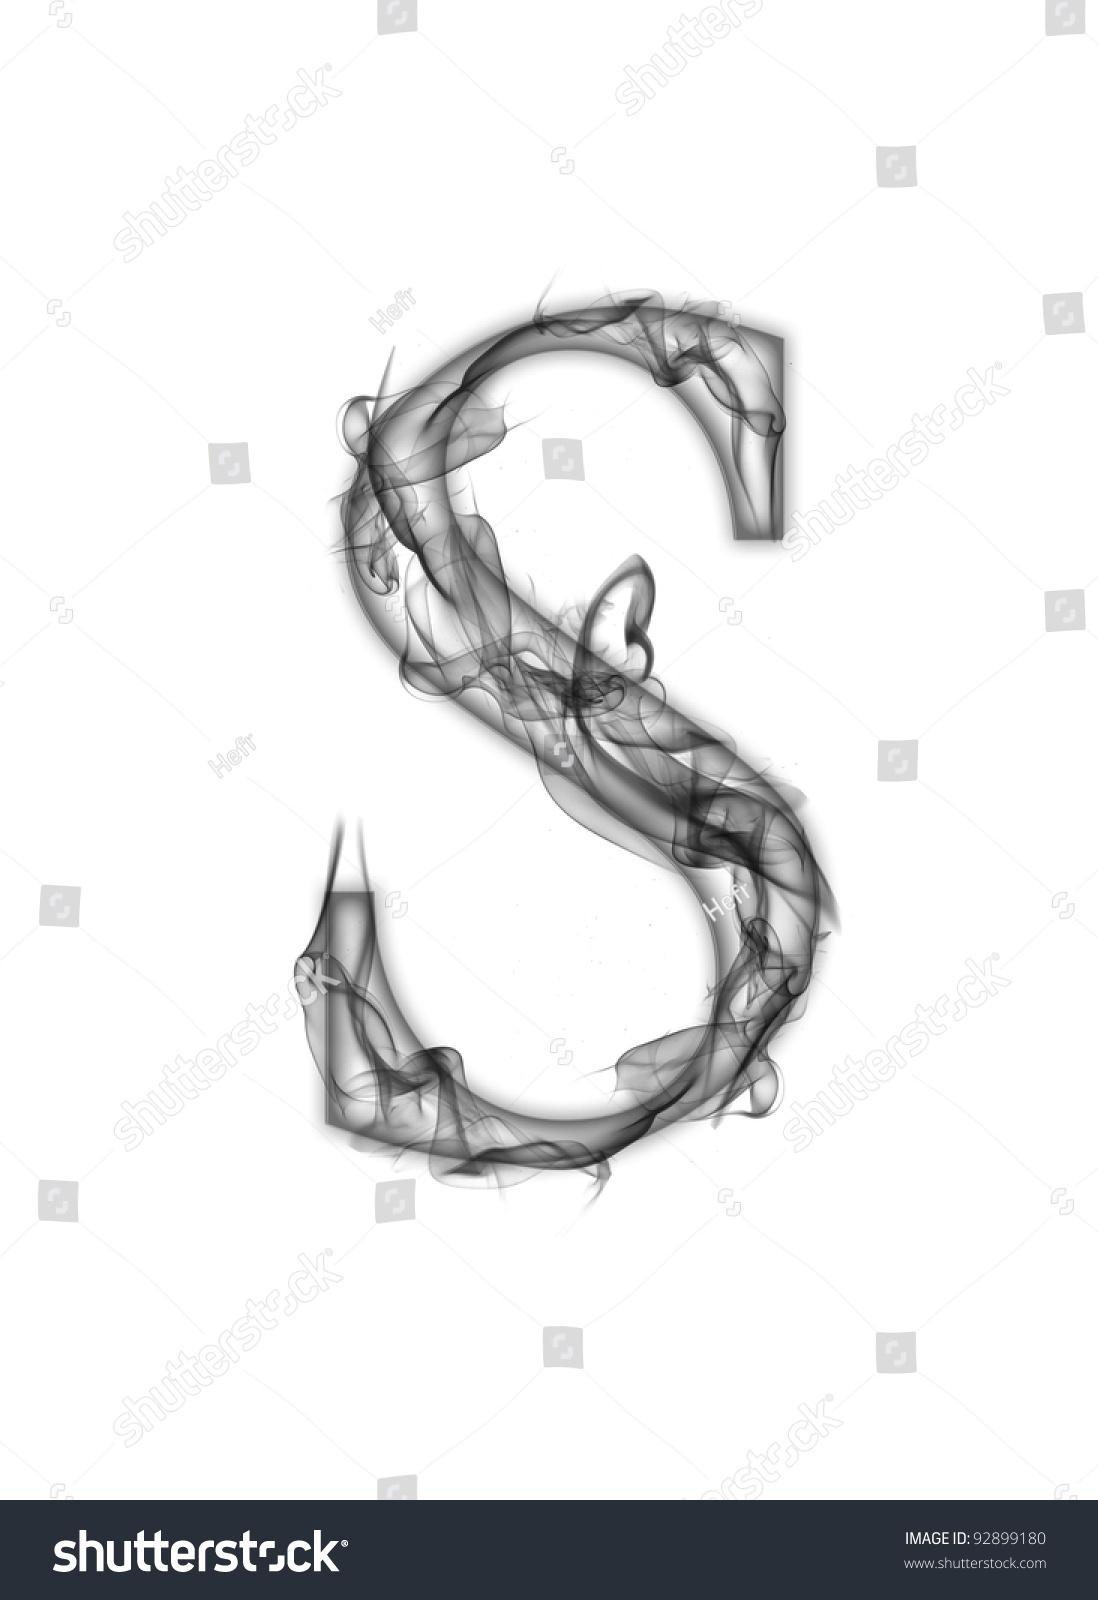 S Letter Of Smoke Alphabet Stock Photo 92899180 Shutterstock